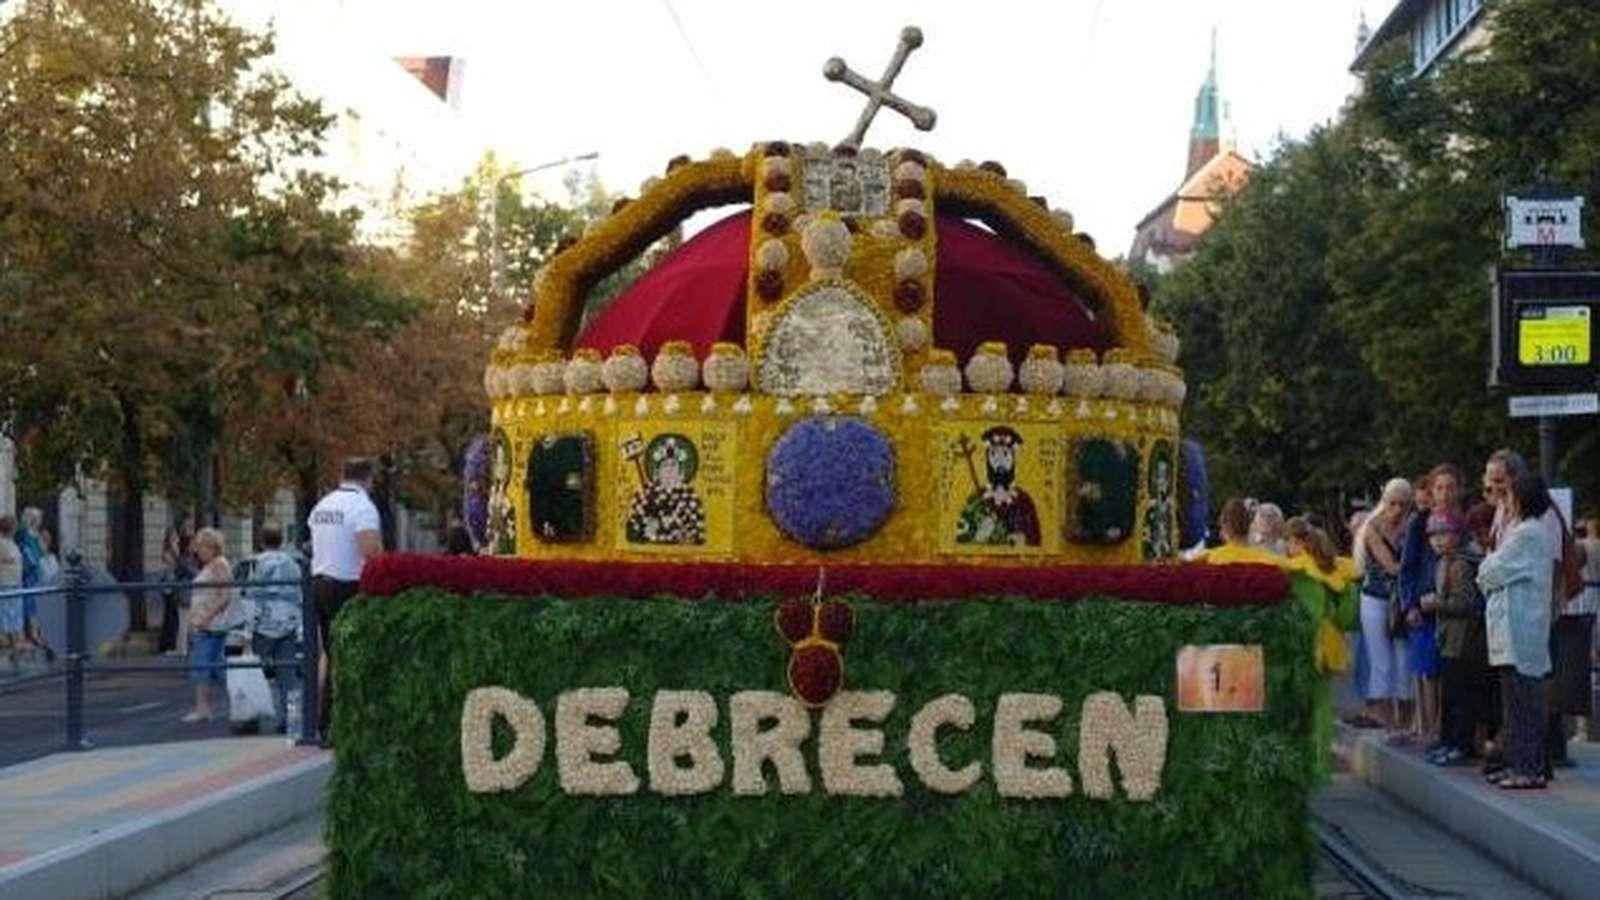 A Debreceni Virágkarnevál egy virágkötő szemével